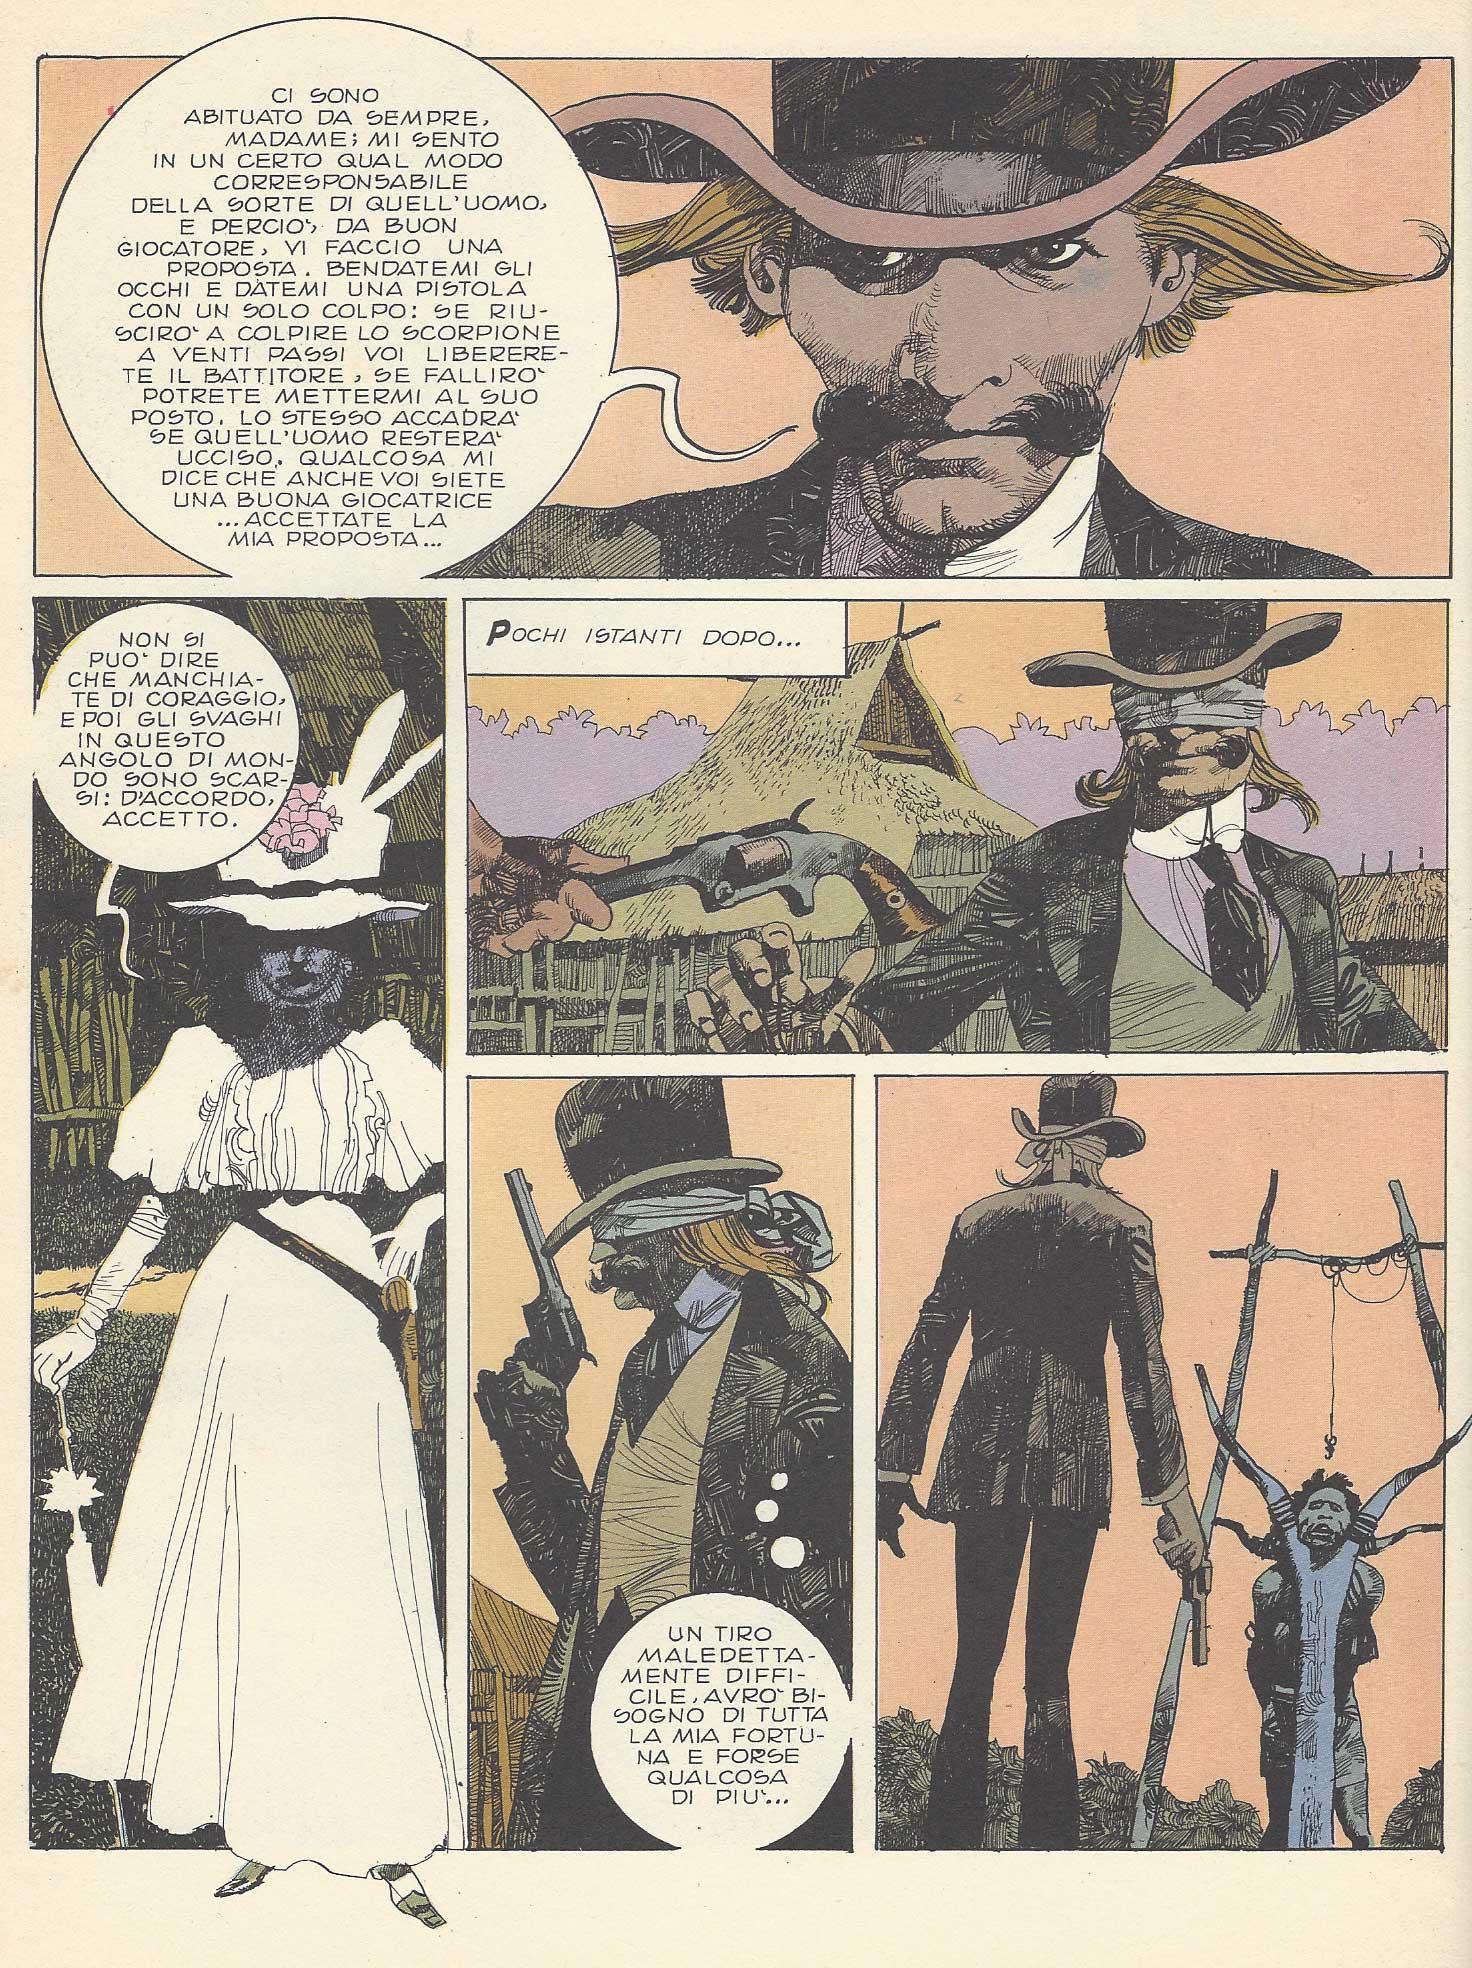 300-toppi-il-collezionista-la-lacrima-di-timur-leng3_Essential 300 comics